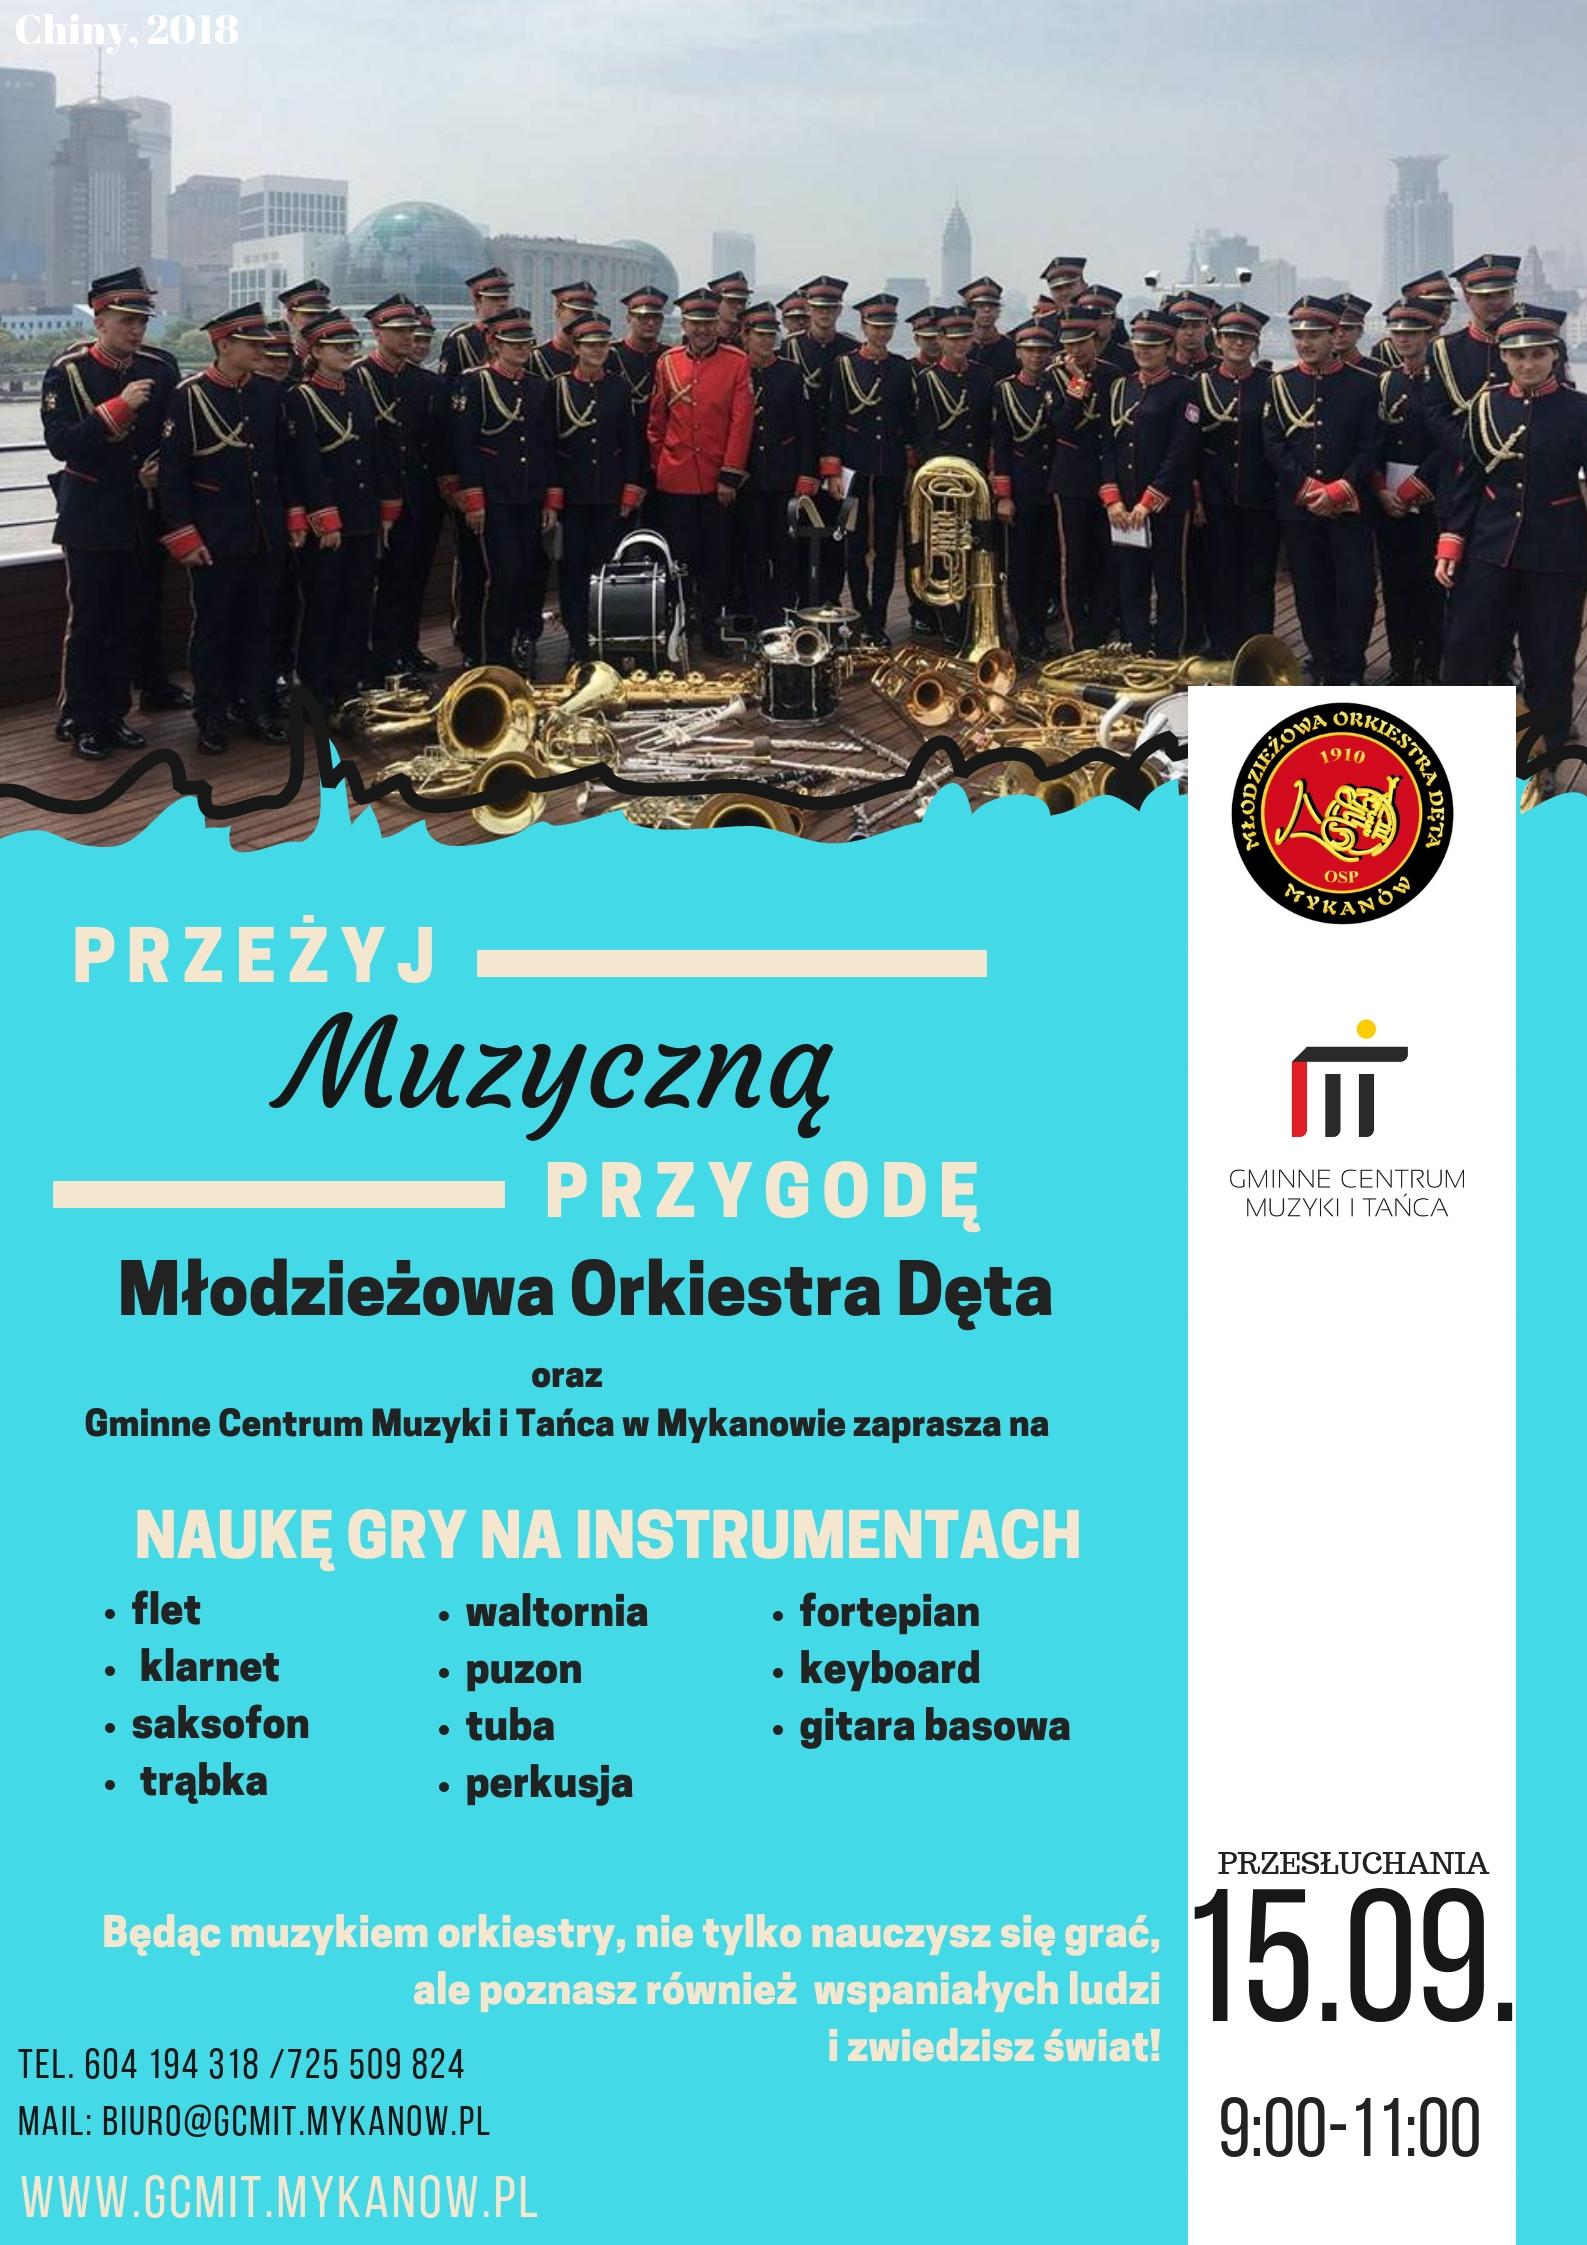 Nauka gry na instrumentach – Młodzieżowa Orkiestra Dęta wraz z GCMiT zaprasza